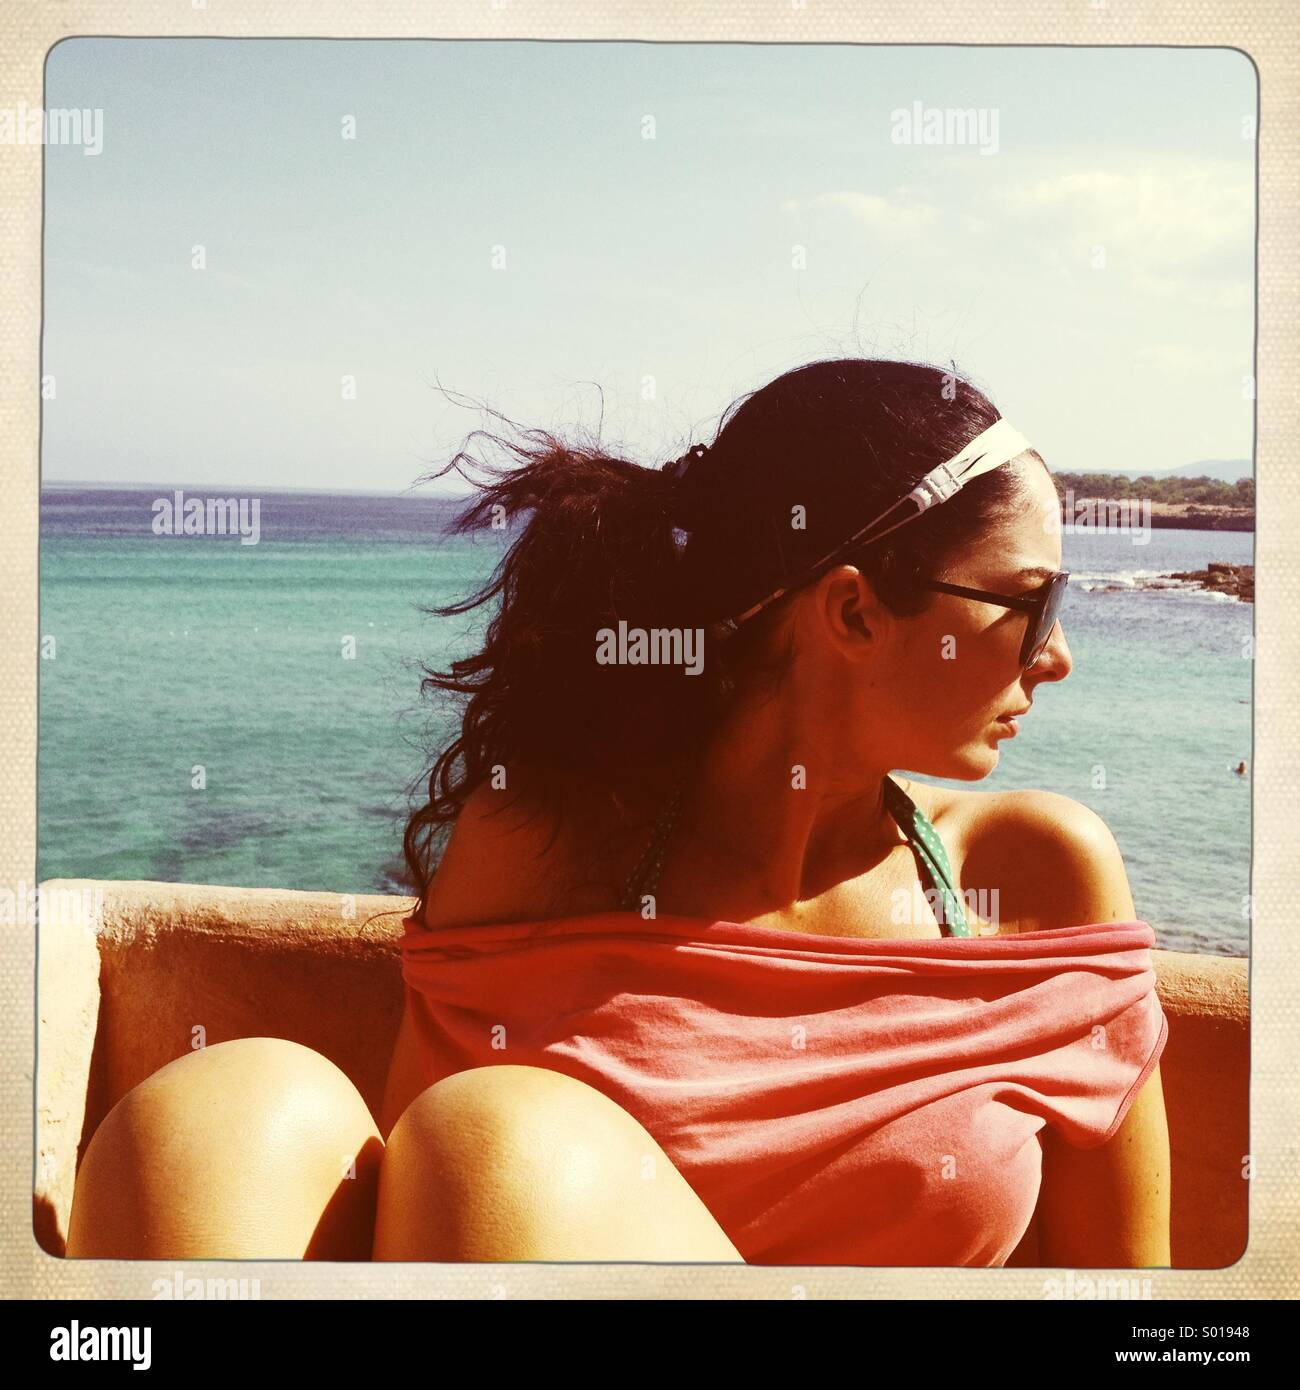 Ibiza. Mirando al mar. Imagen De Stock